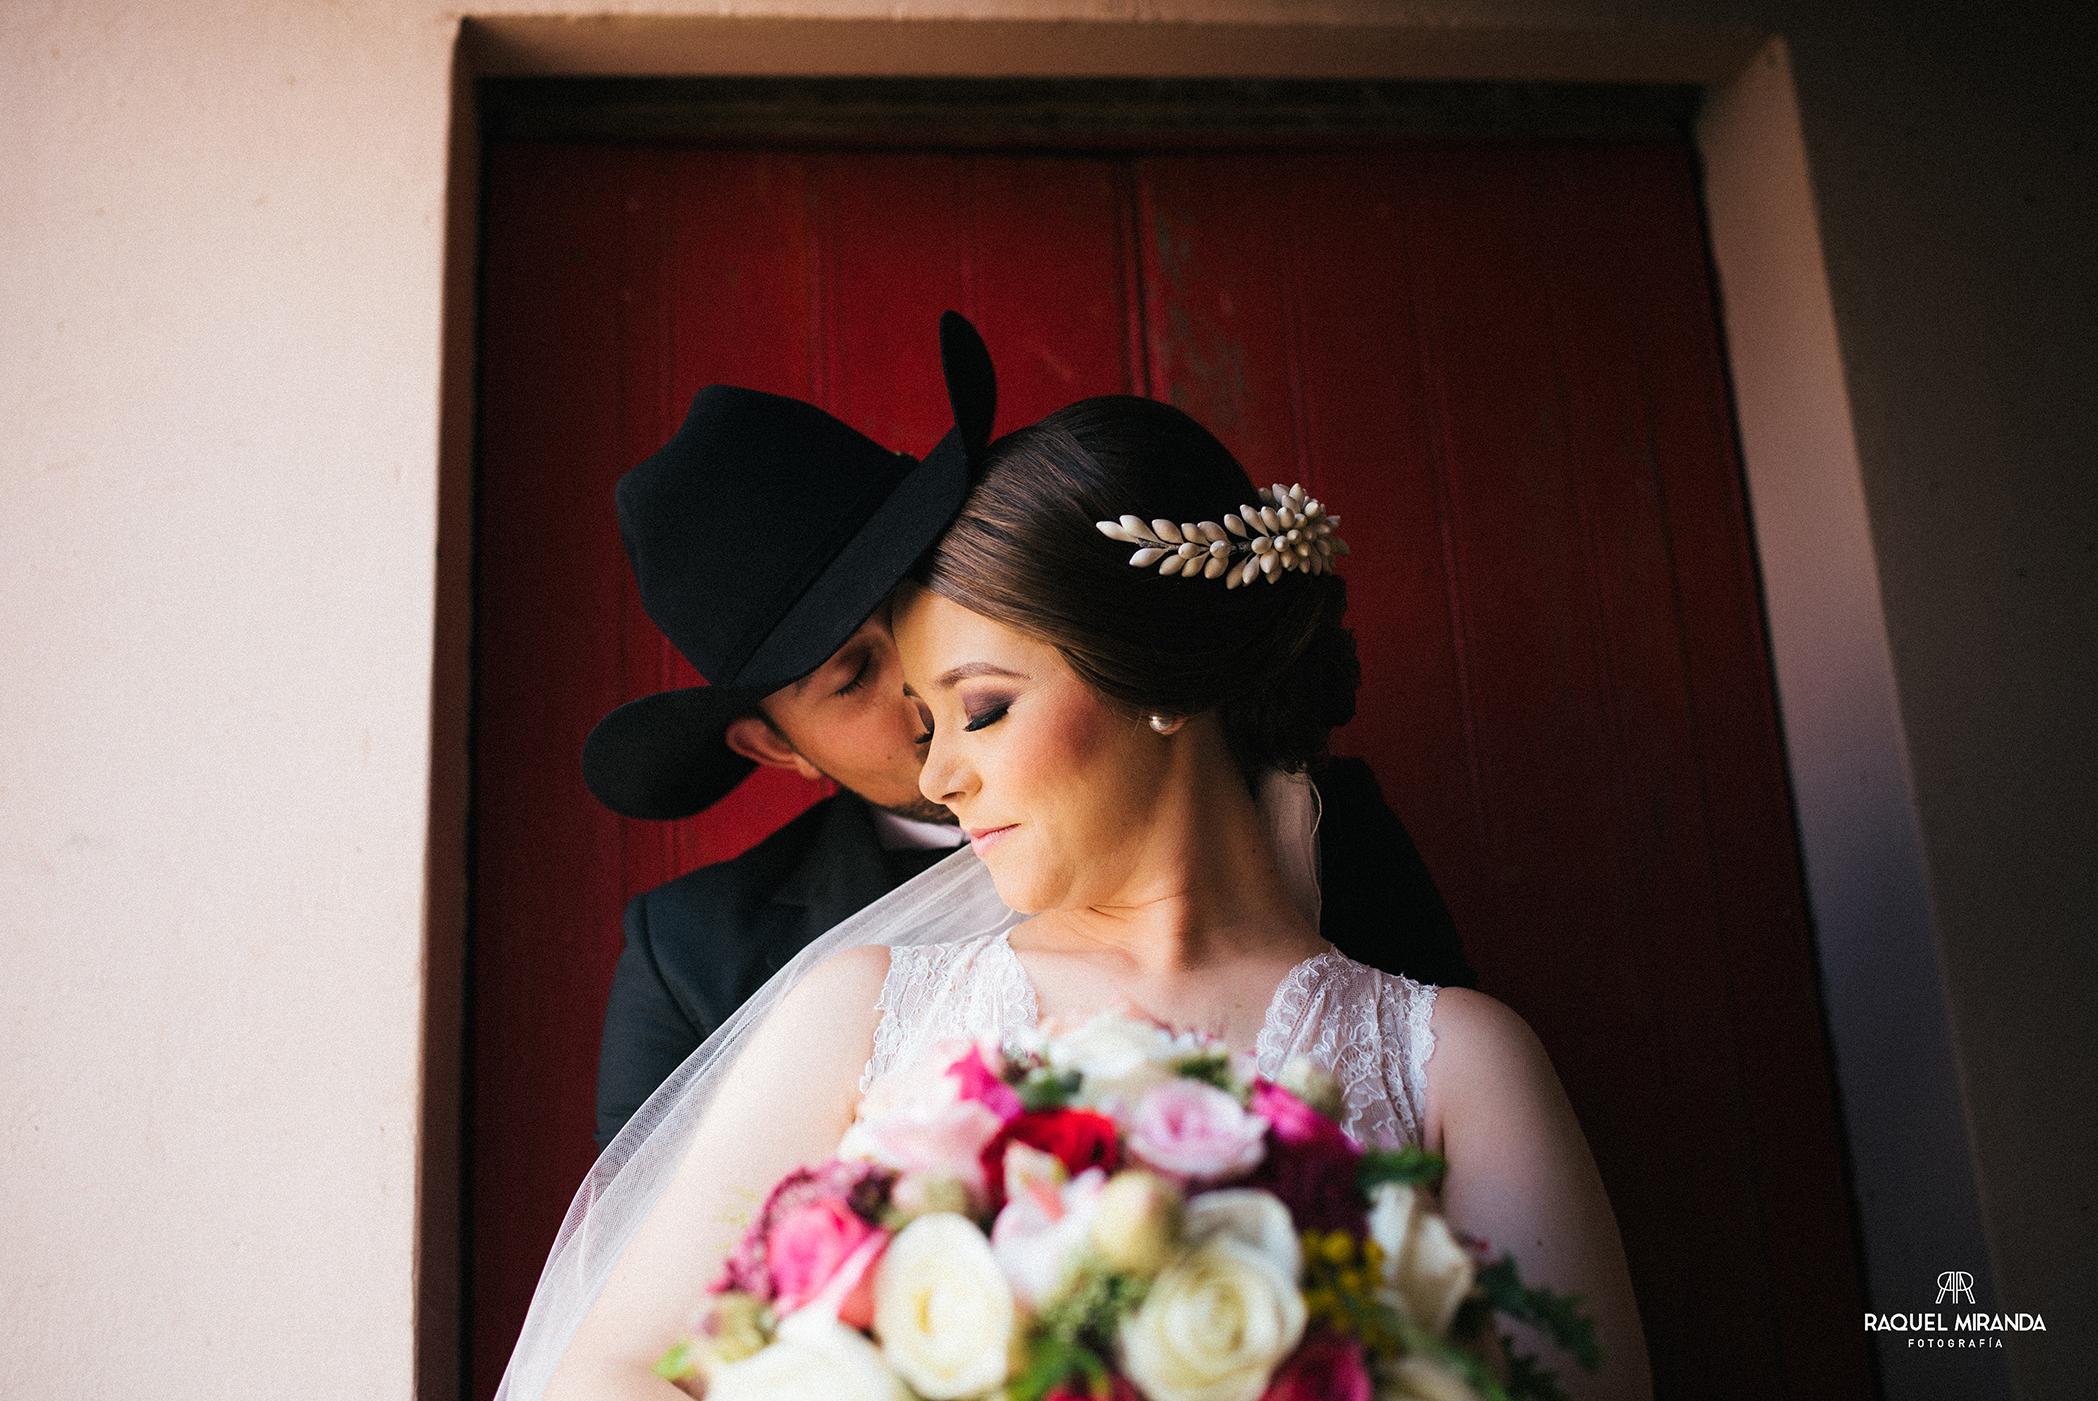 raquel miranda fotografía - wedding - edith&meño-5.jpg